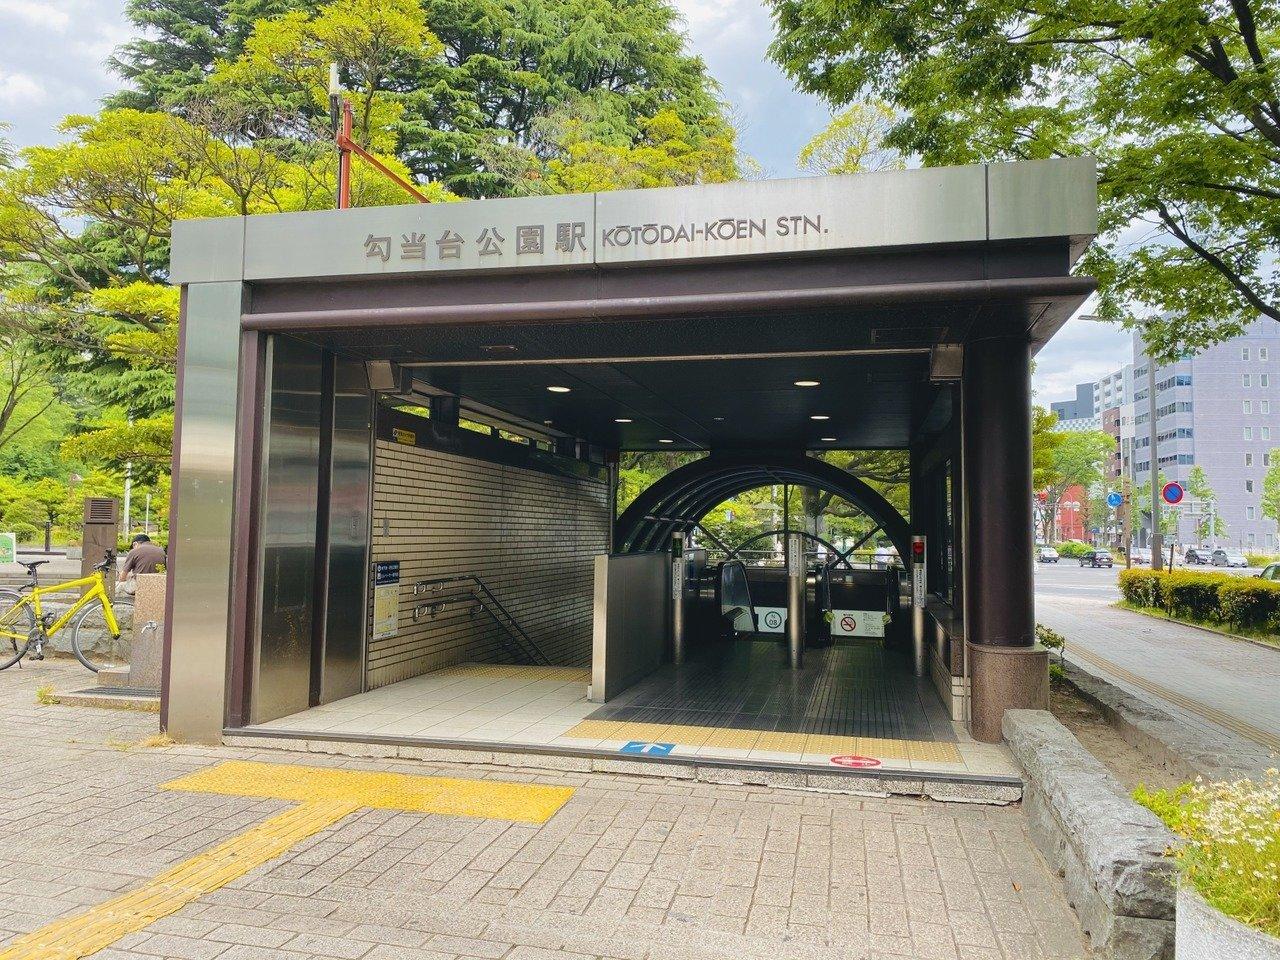 仙台のケヤキ並木をお散歩しながら「ジョジョ」の聖地巡りをしてみよう